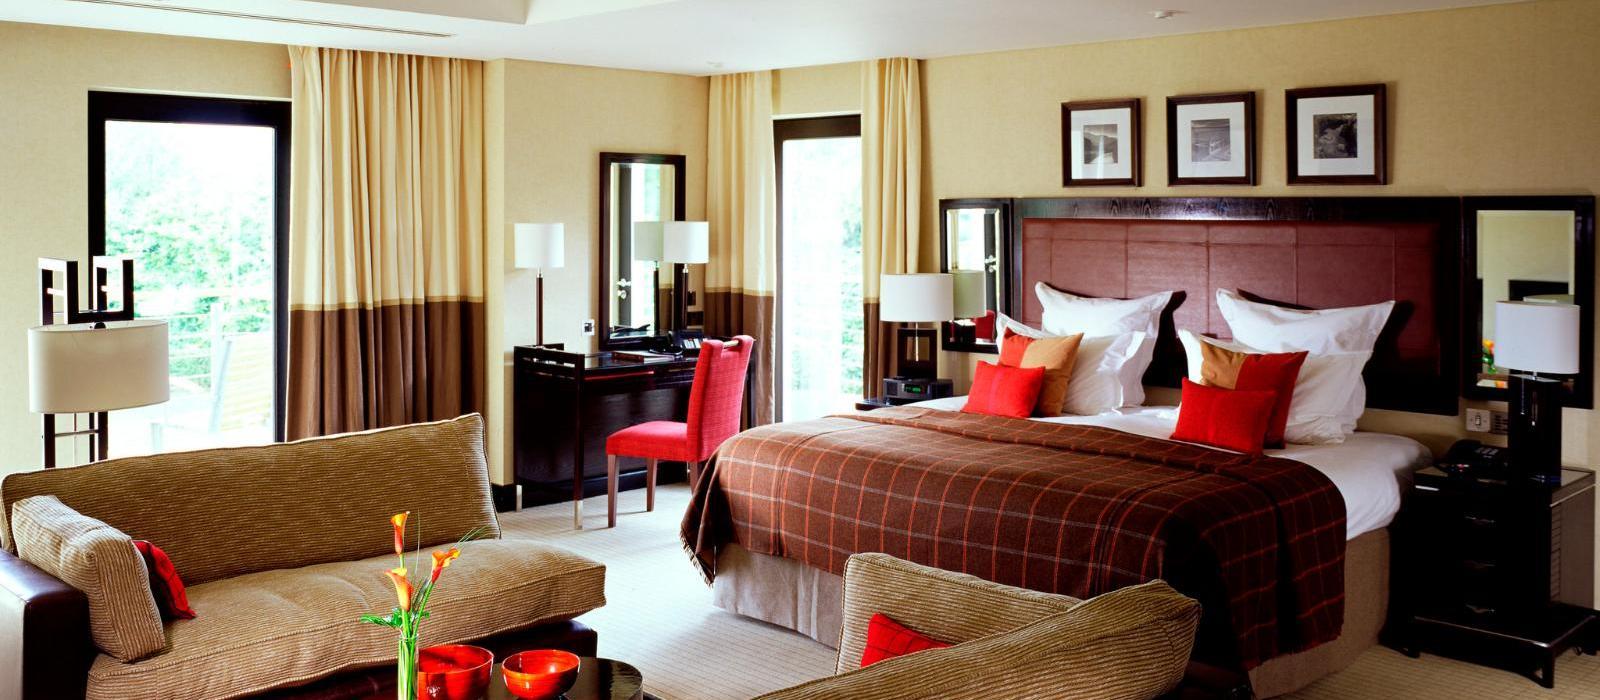 格伦伊格尔斯度假酒店(The Gleneagles Hotel) 庄园客房图片  www.lhw.cn